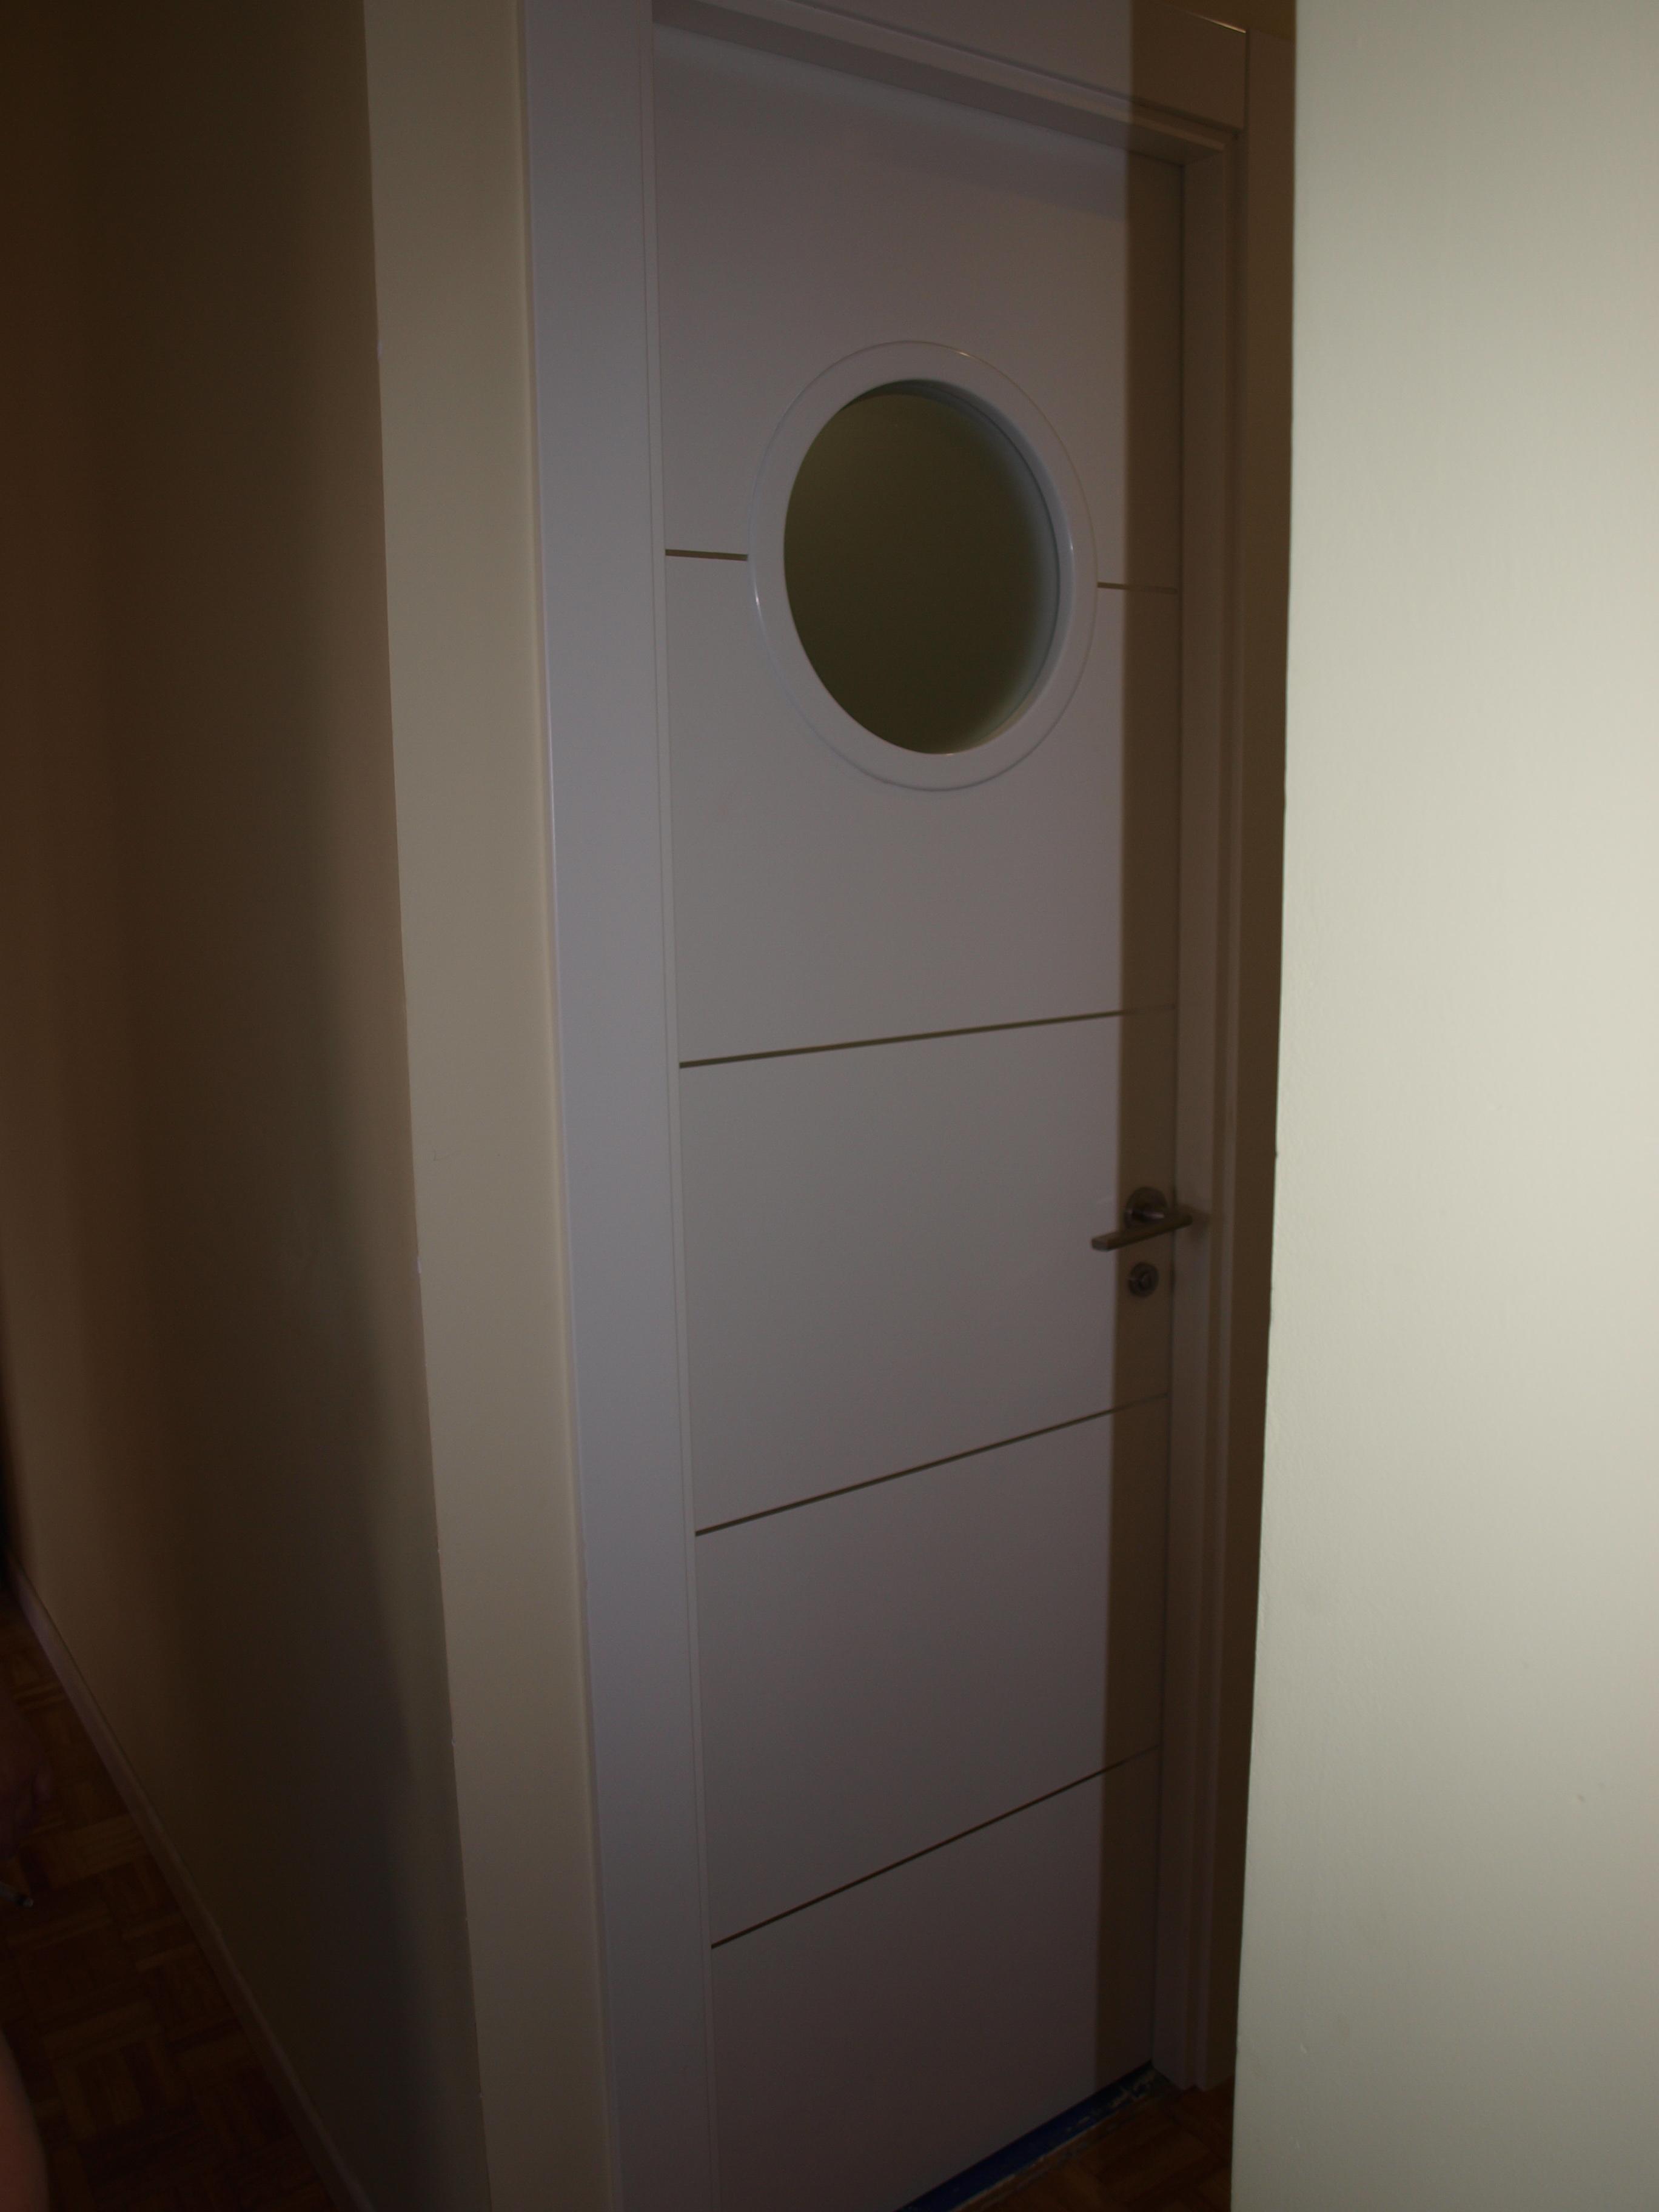 Las puertas lacadas un blanco perfecto puertas artama - Precios de puertas lacadas en blanco ...